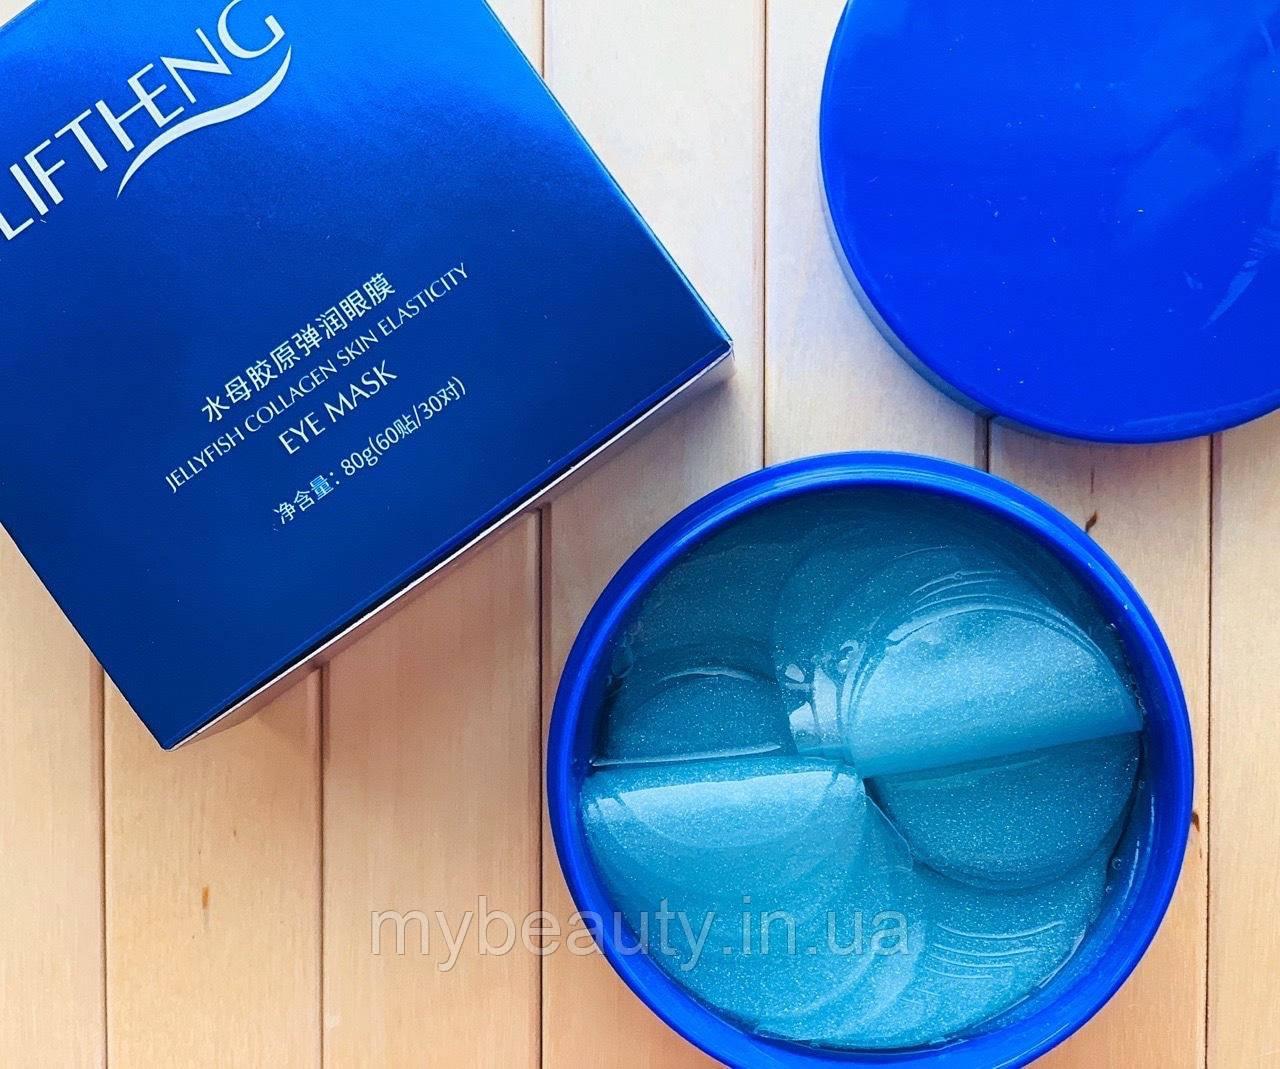 Патчи для глаз Liftheng Jellyfish Collagen с экстрактом медузы